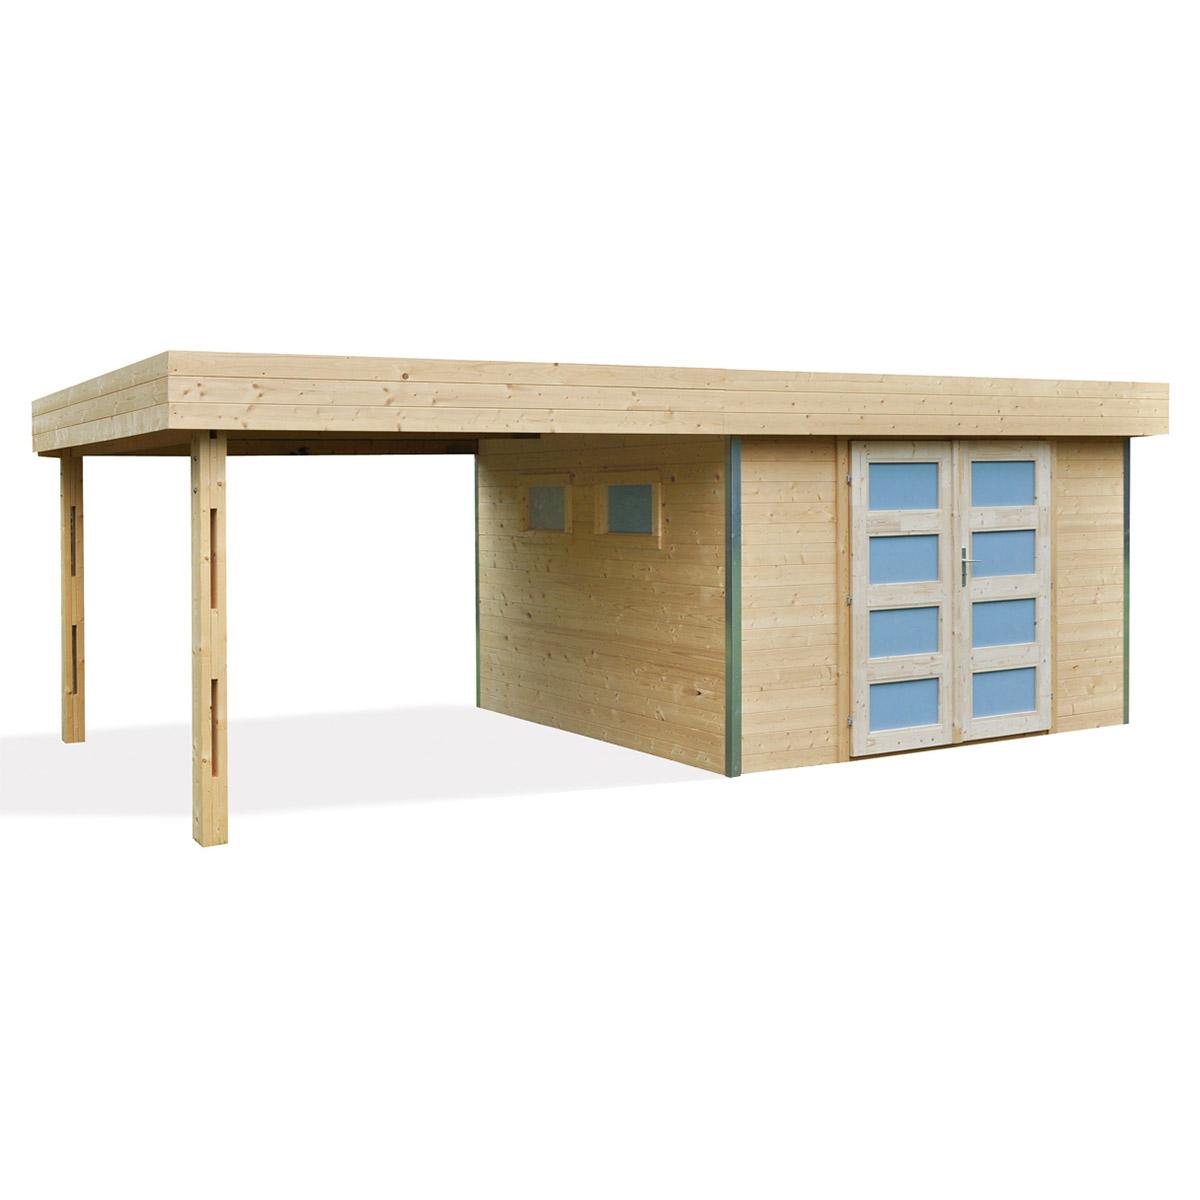 Abri de jardin 9m² avec auvent en bois noémie